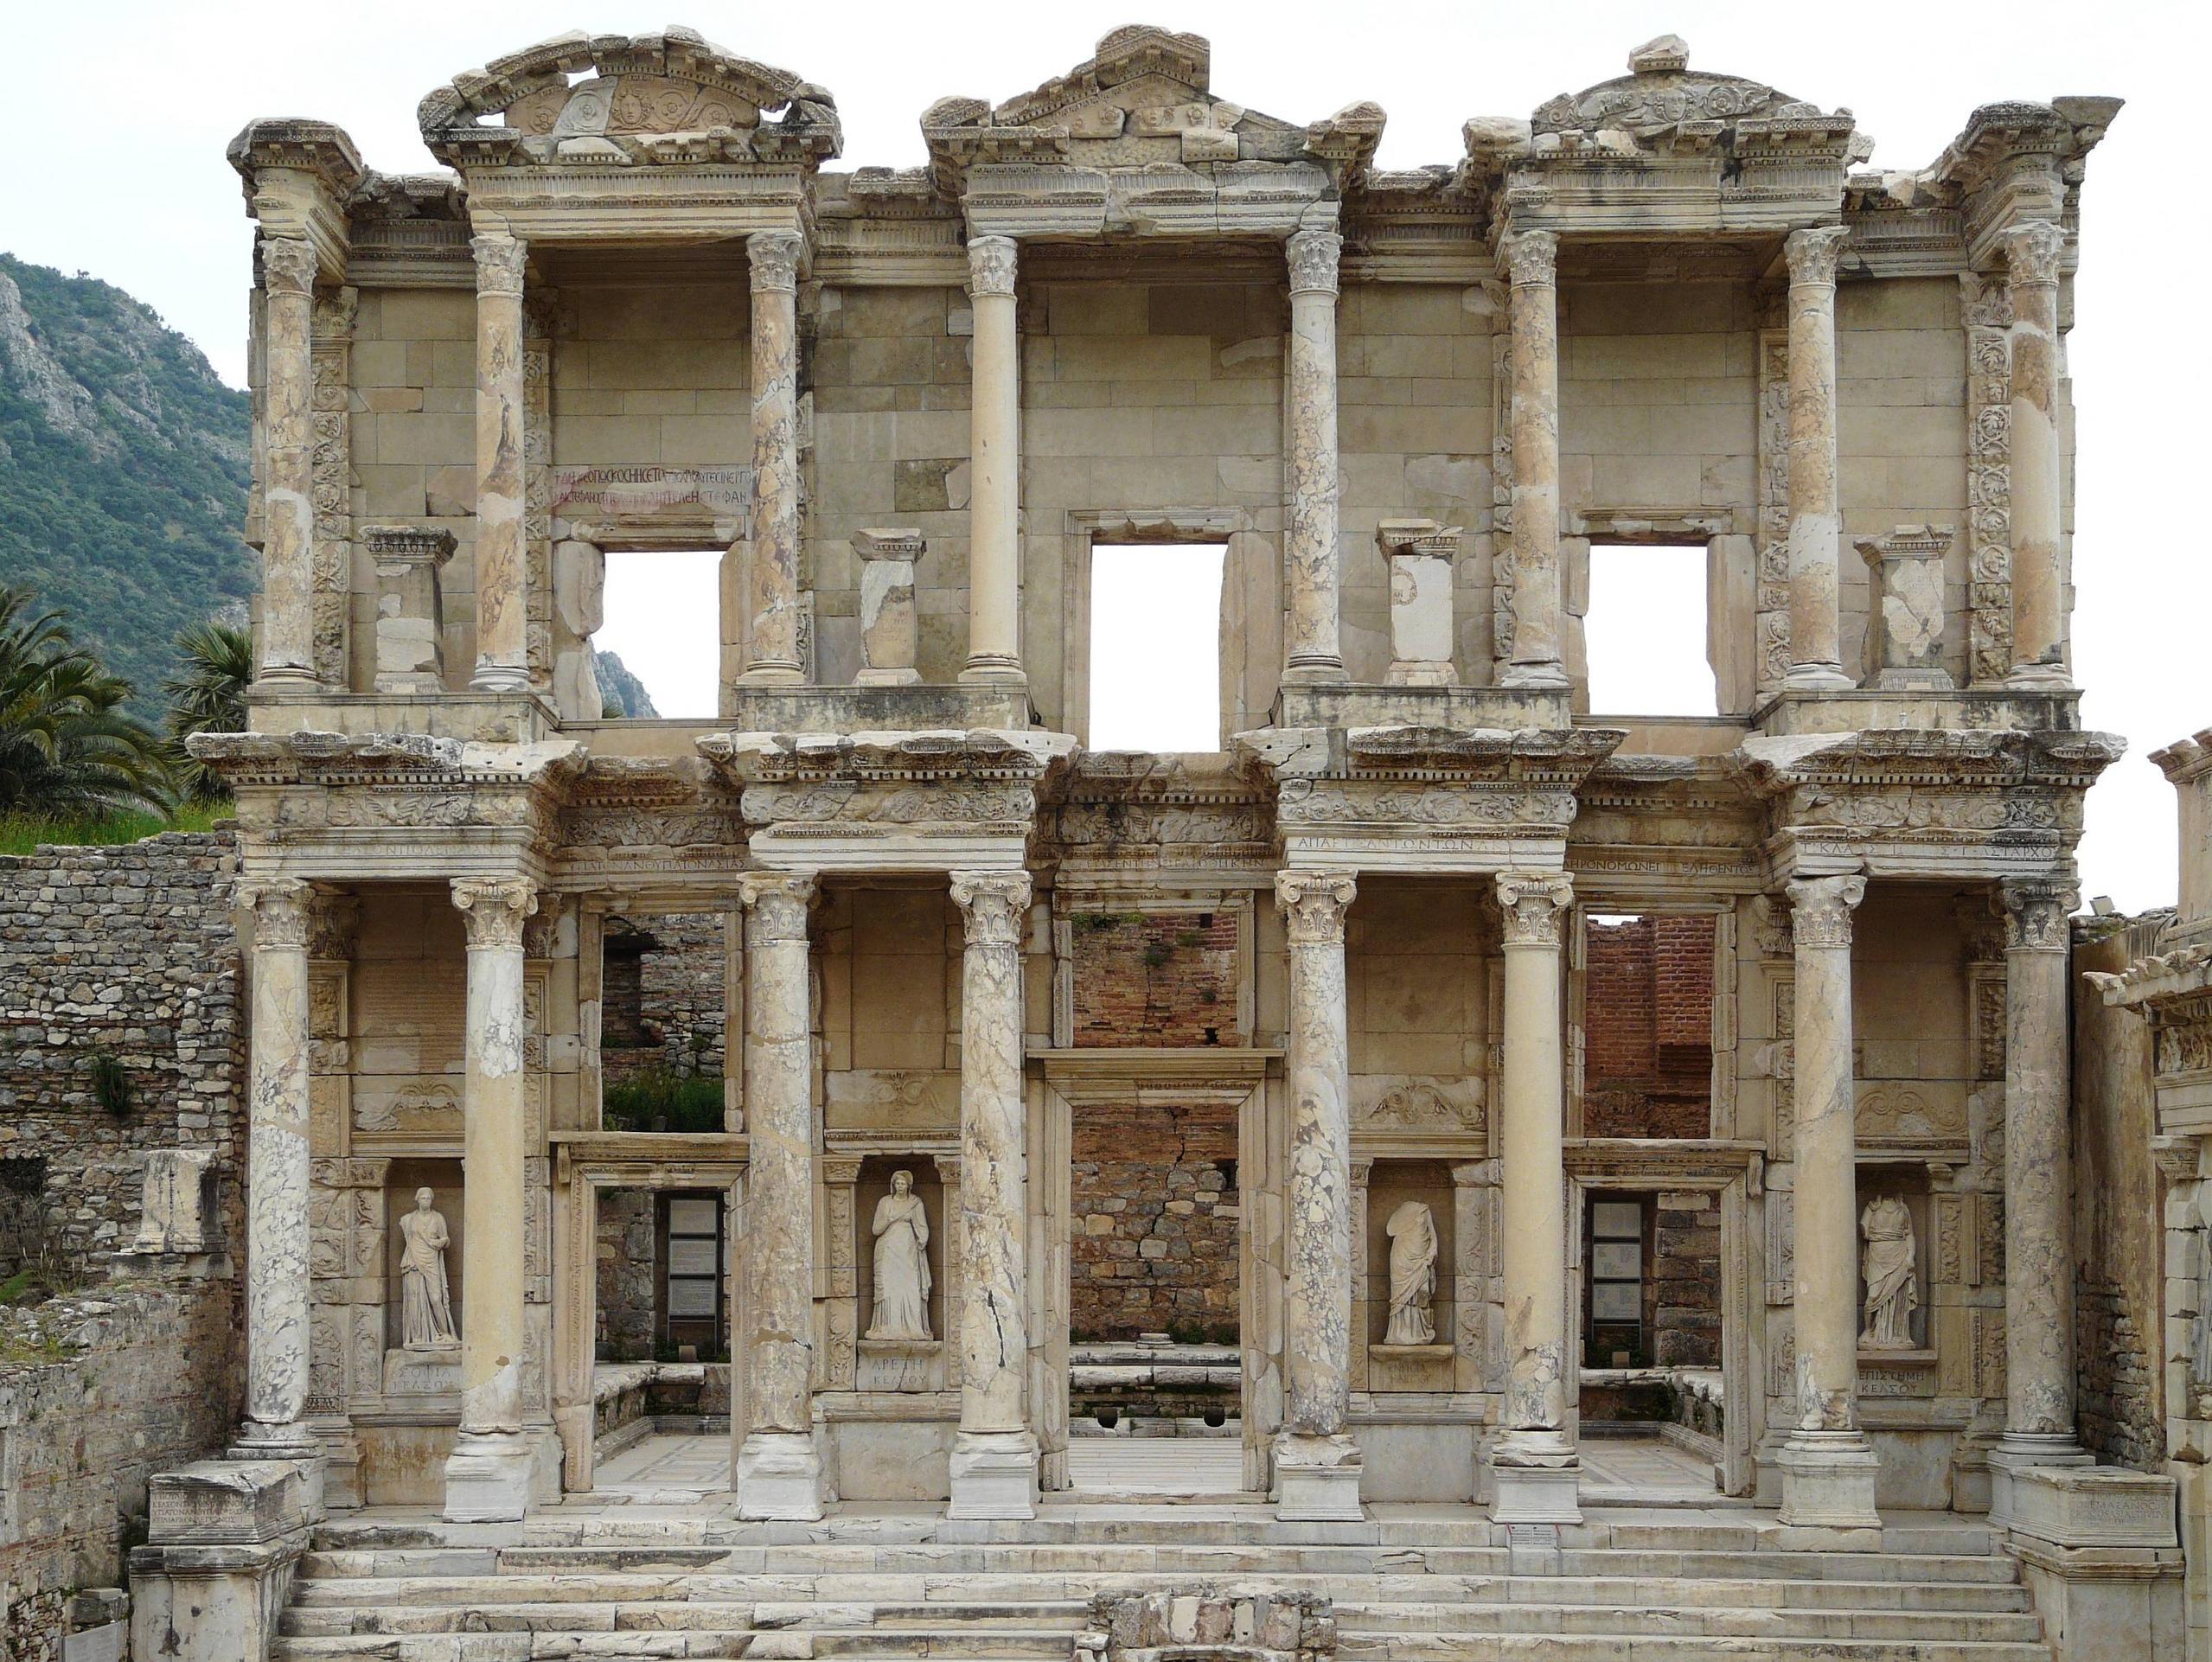 efes antik kenti unesco dünya mirası listesi'ne girdi